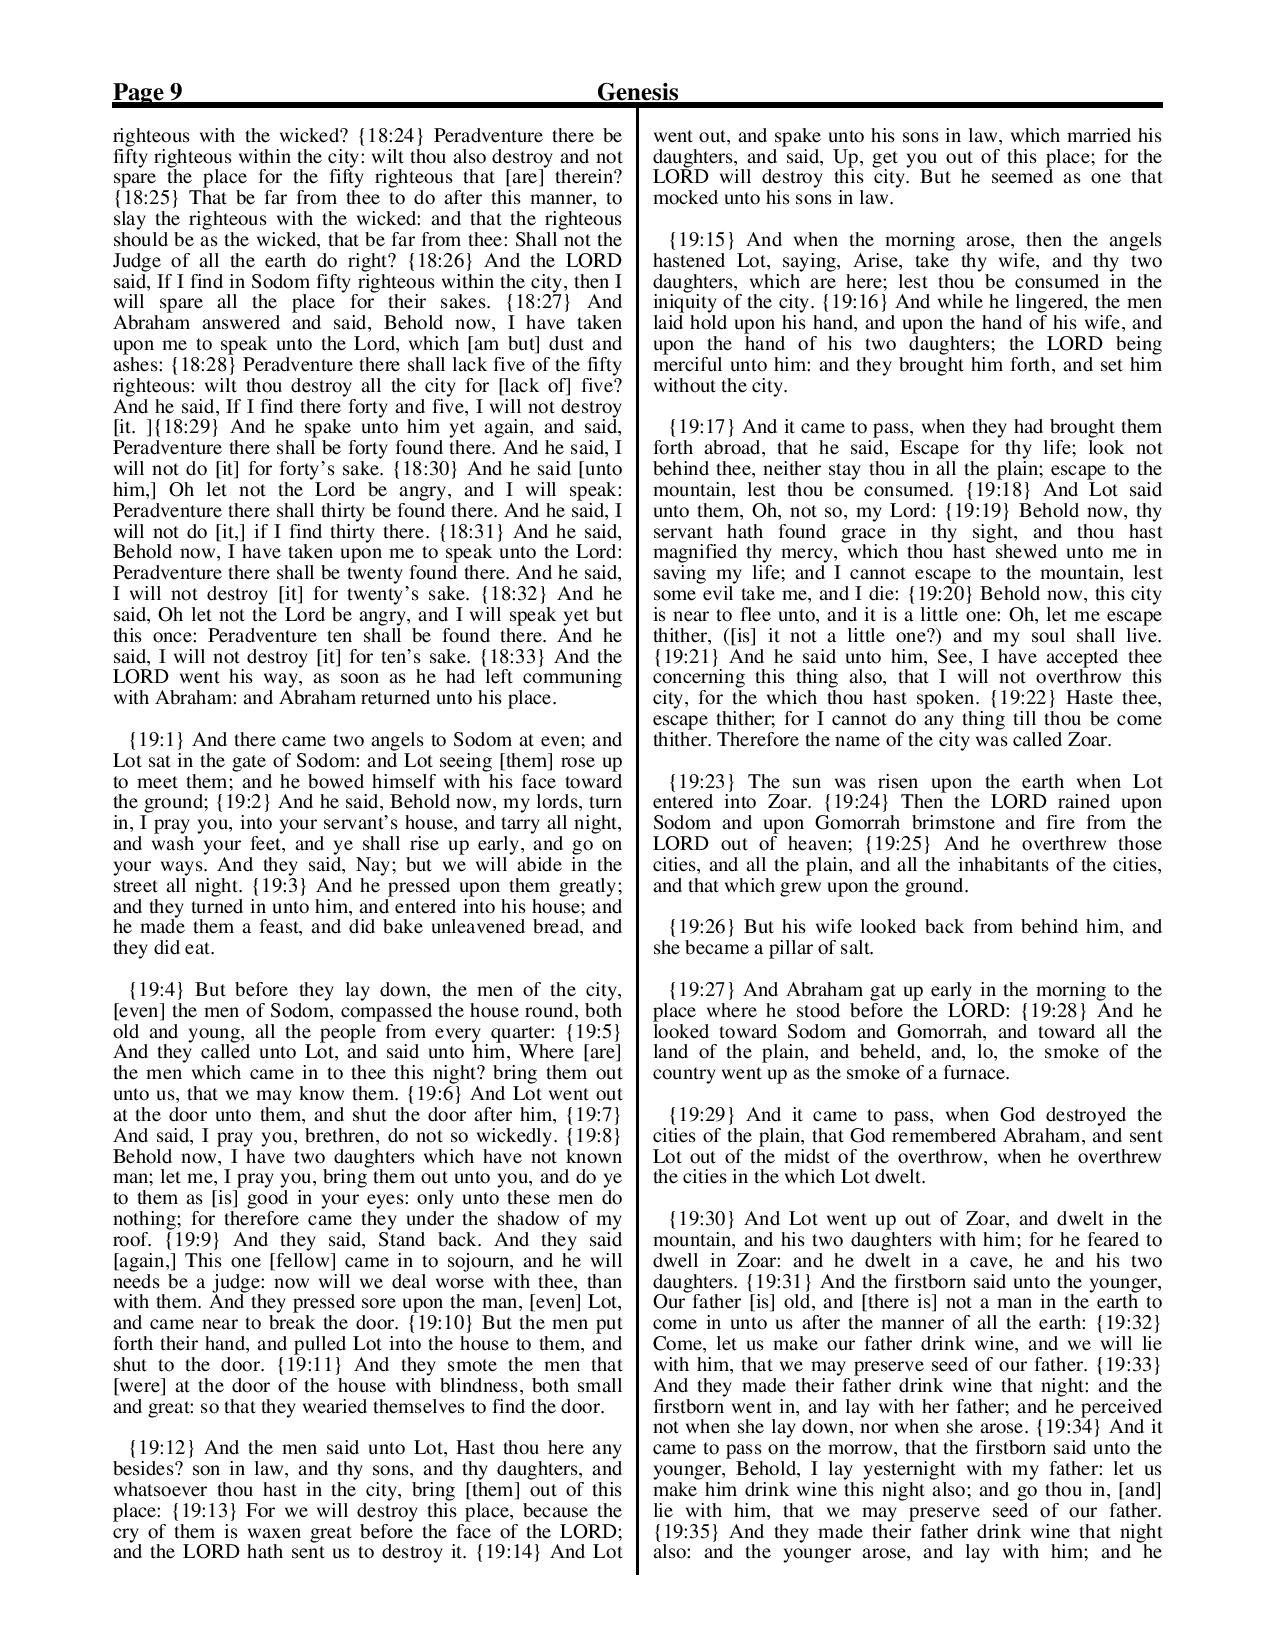 King-James-Bible-KJV-Bible-PDF-page-030